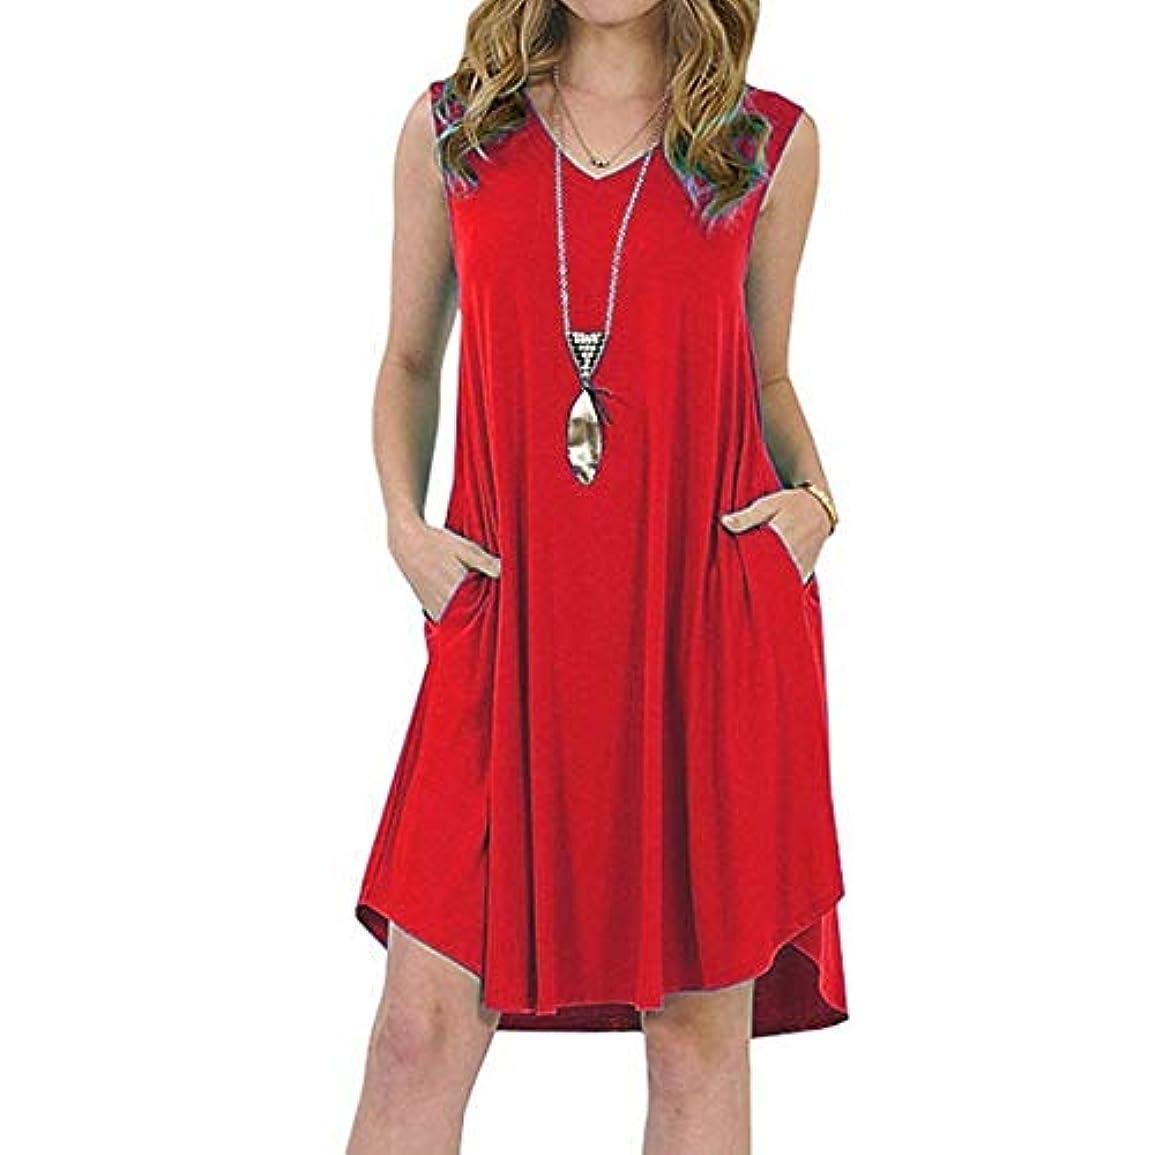 幻想追い付く粉砕するMIFAN の女性のドレスカジュアルな不規則なドレスルースサマービーチTシャツドレス